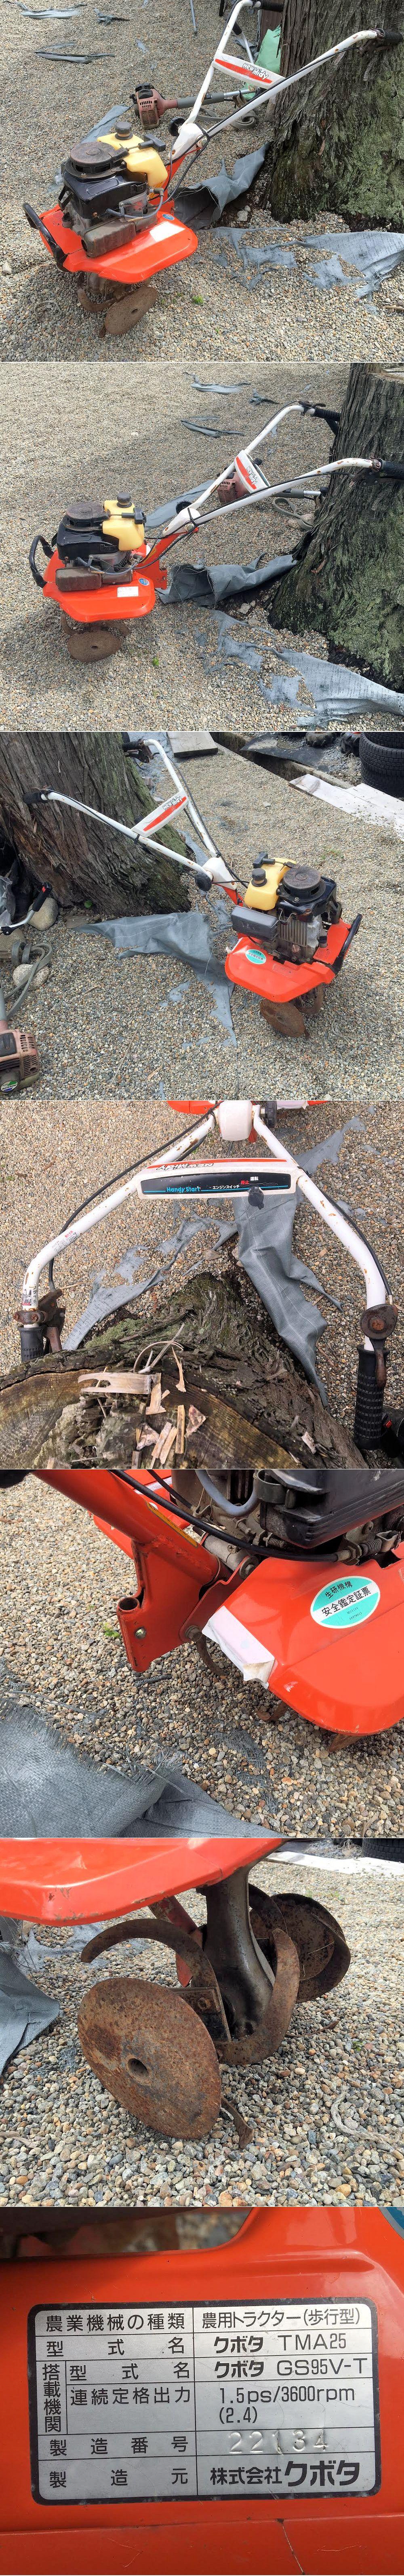 クボタ 耕運機 管理機 TMA25 現状部品取り 中古